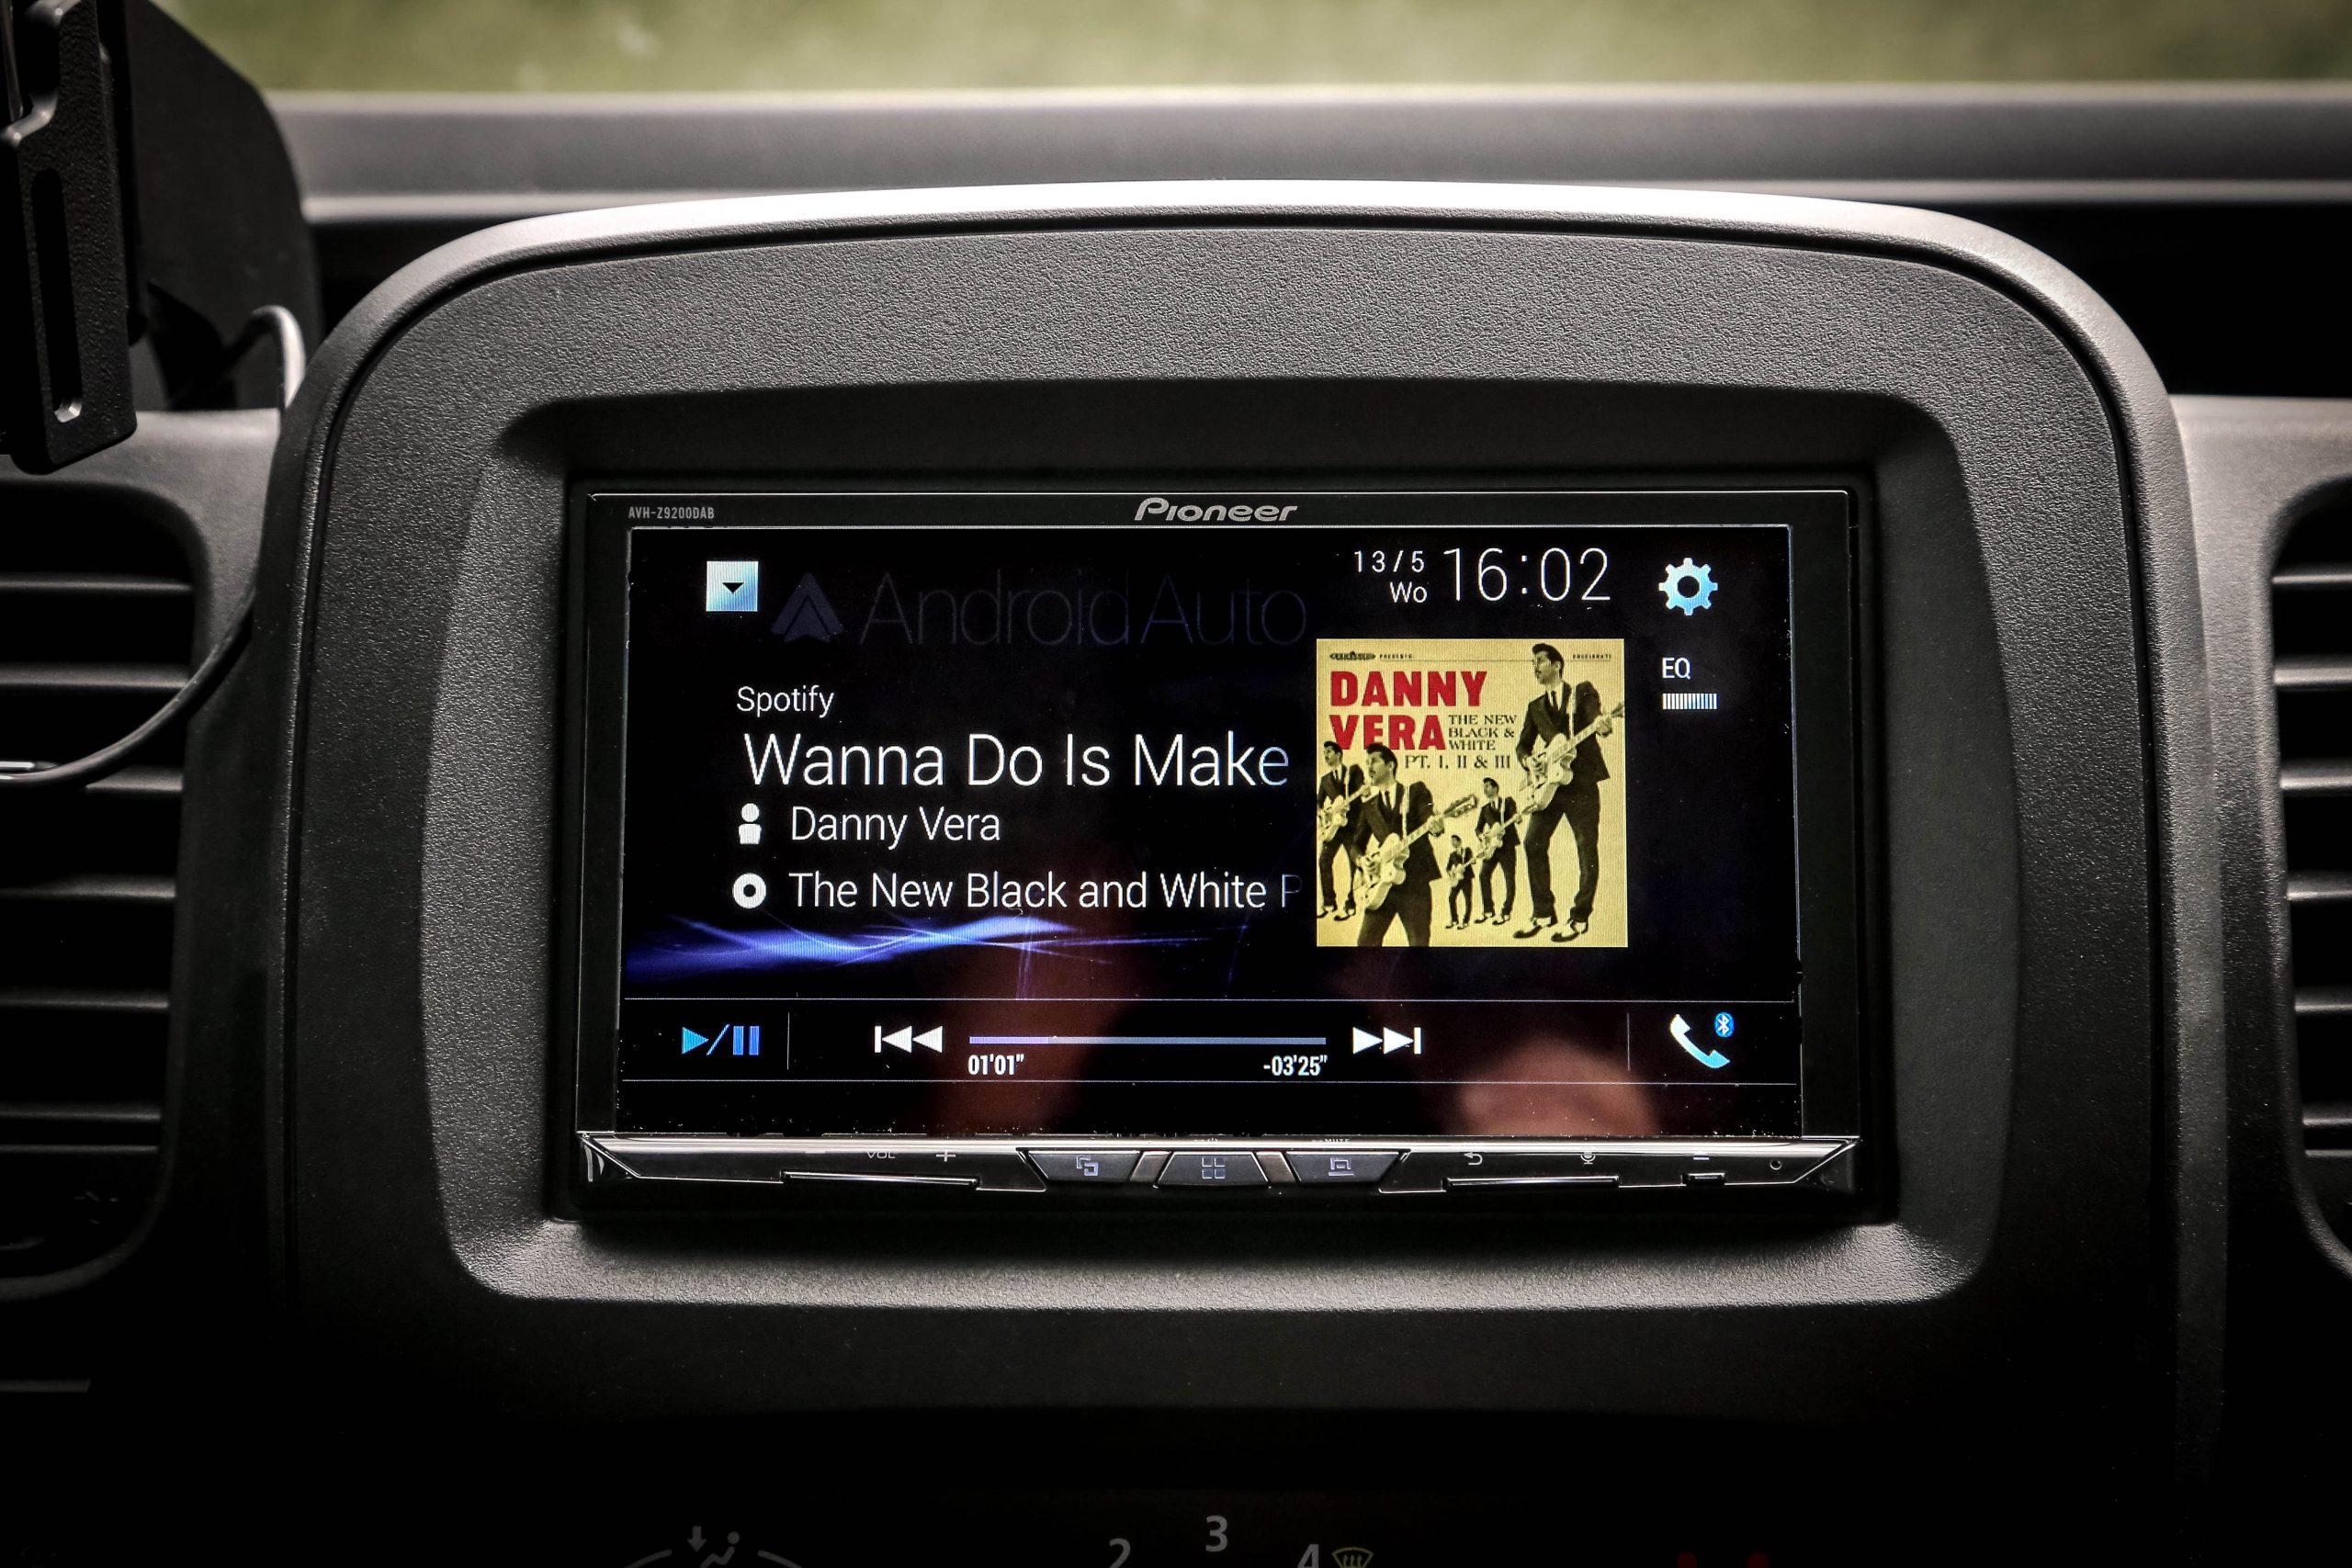 Sportify luisteren in de auto